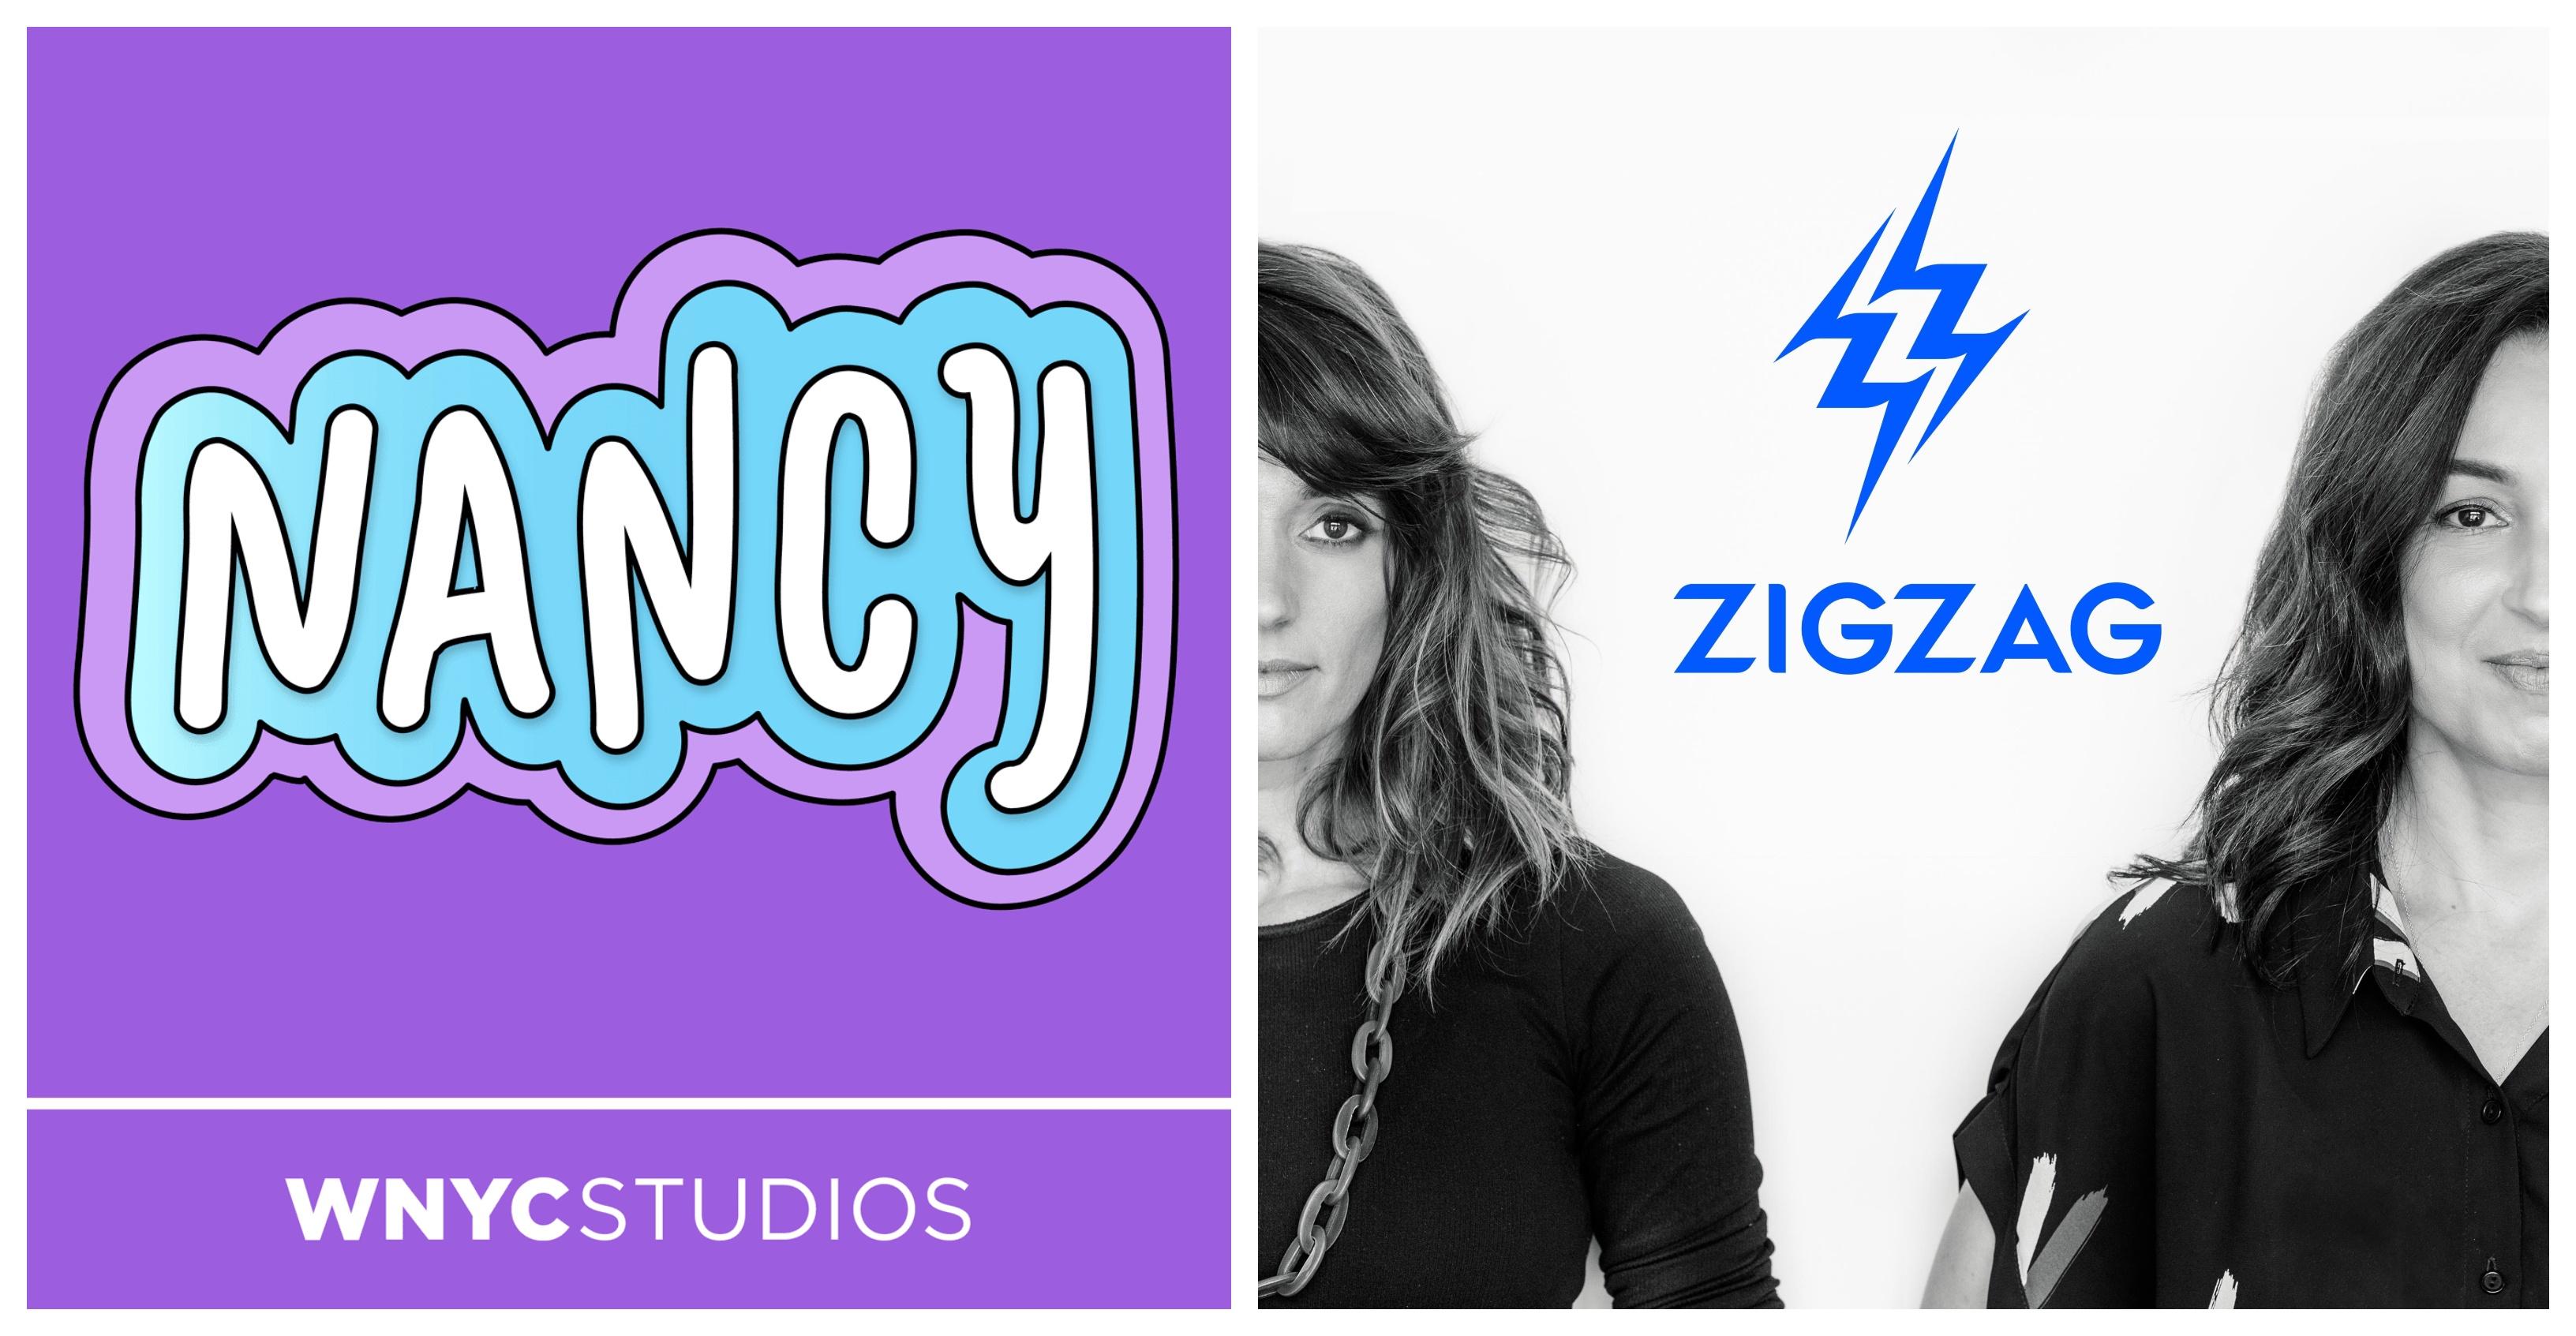 Nancy - ZigZag